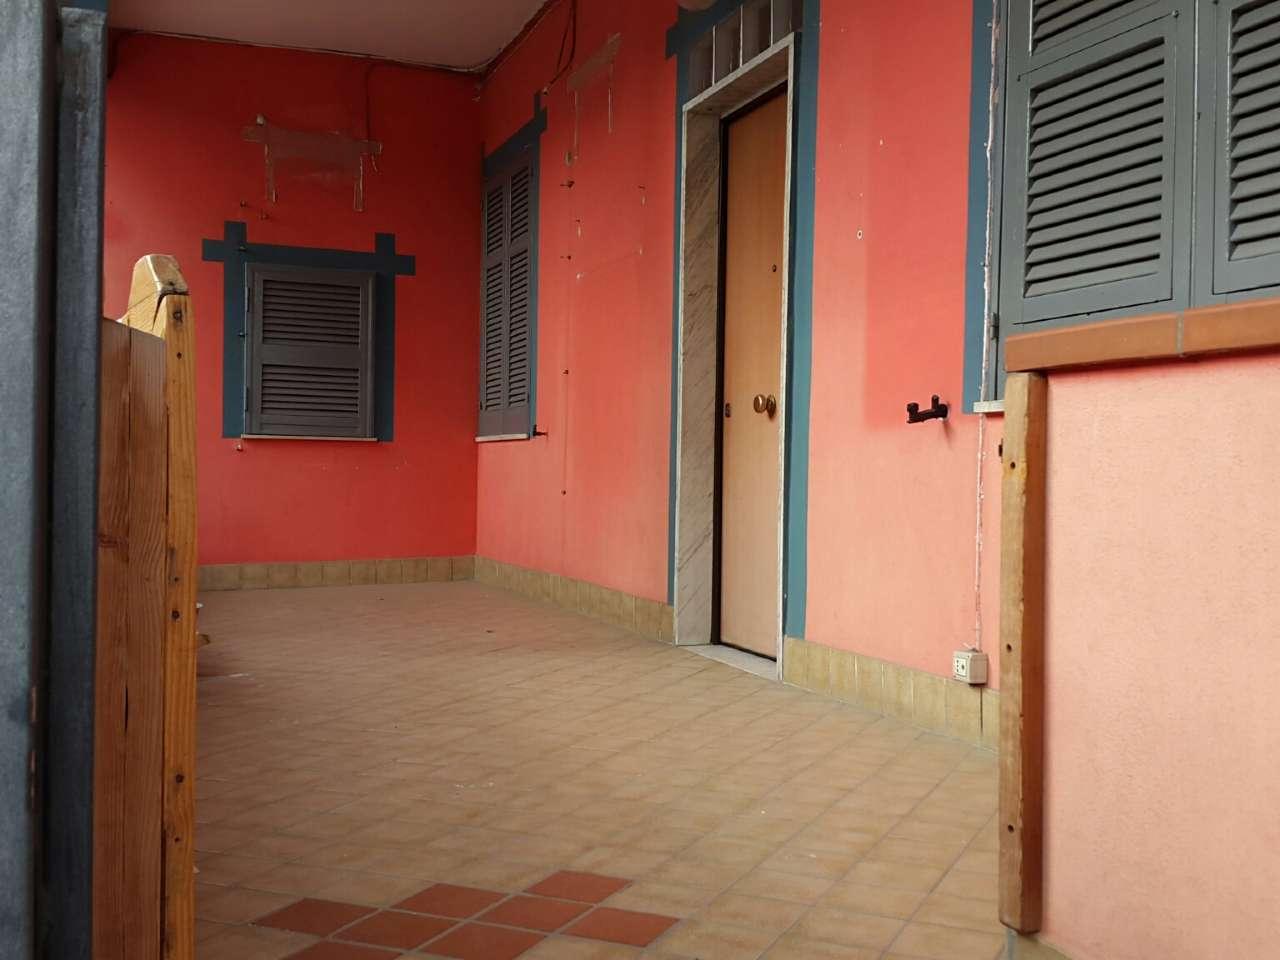 Appartamento in affitto a Casalnuovo di Napoli, 2 locali, prezzo € 450 | CambioCasa.it